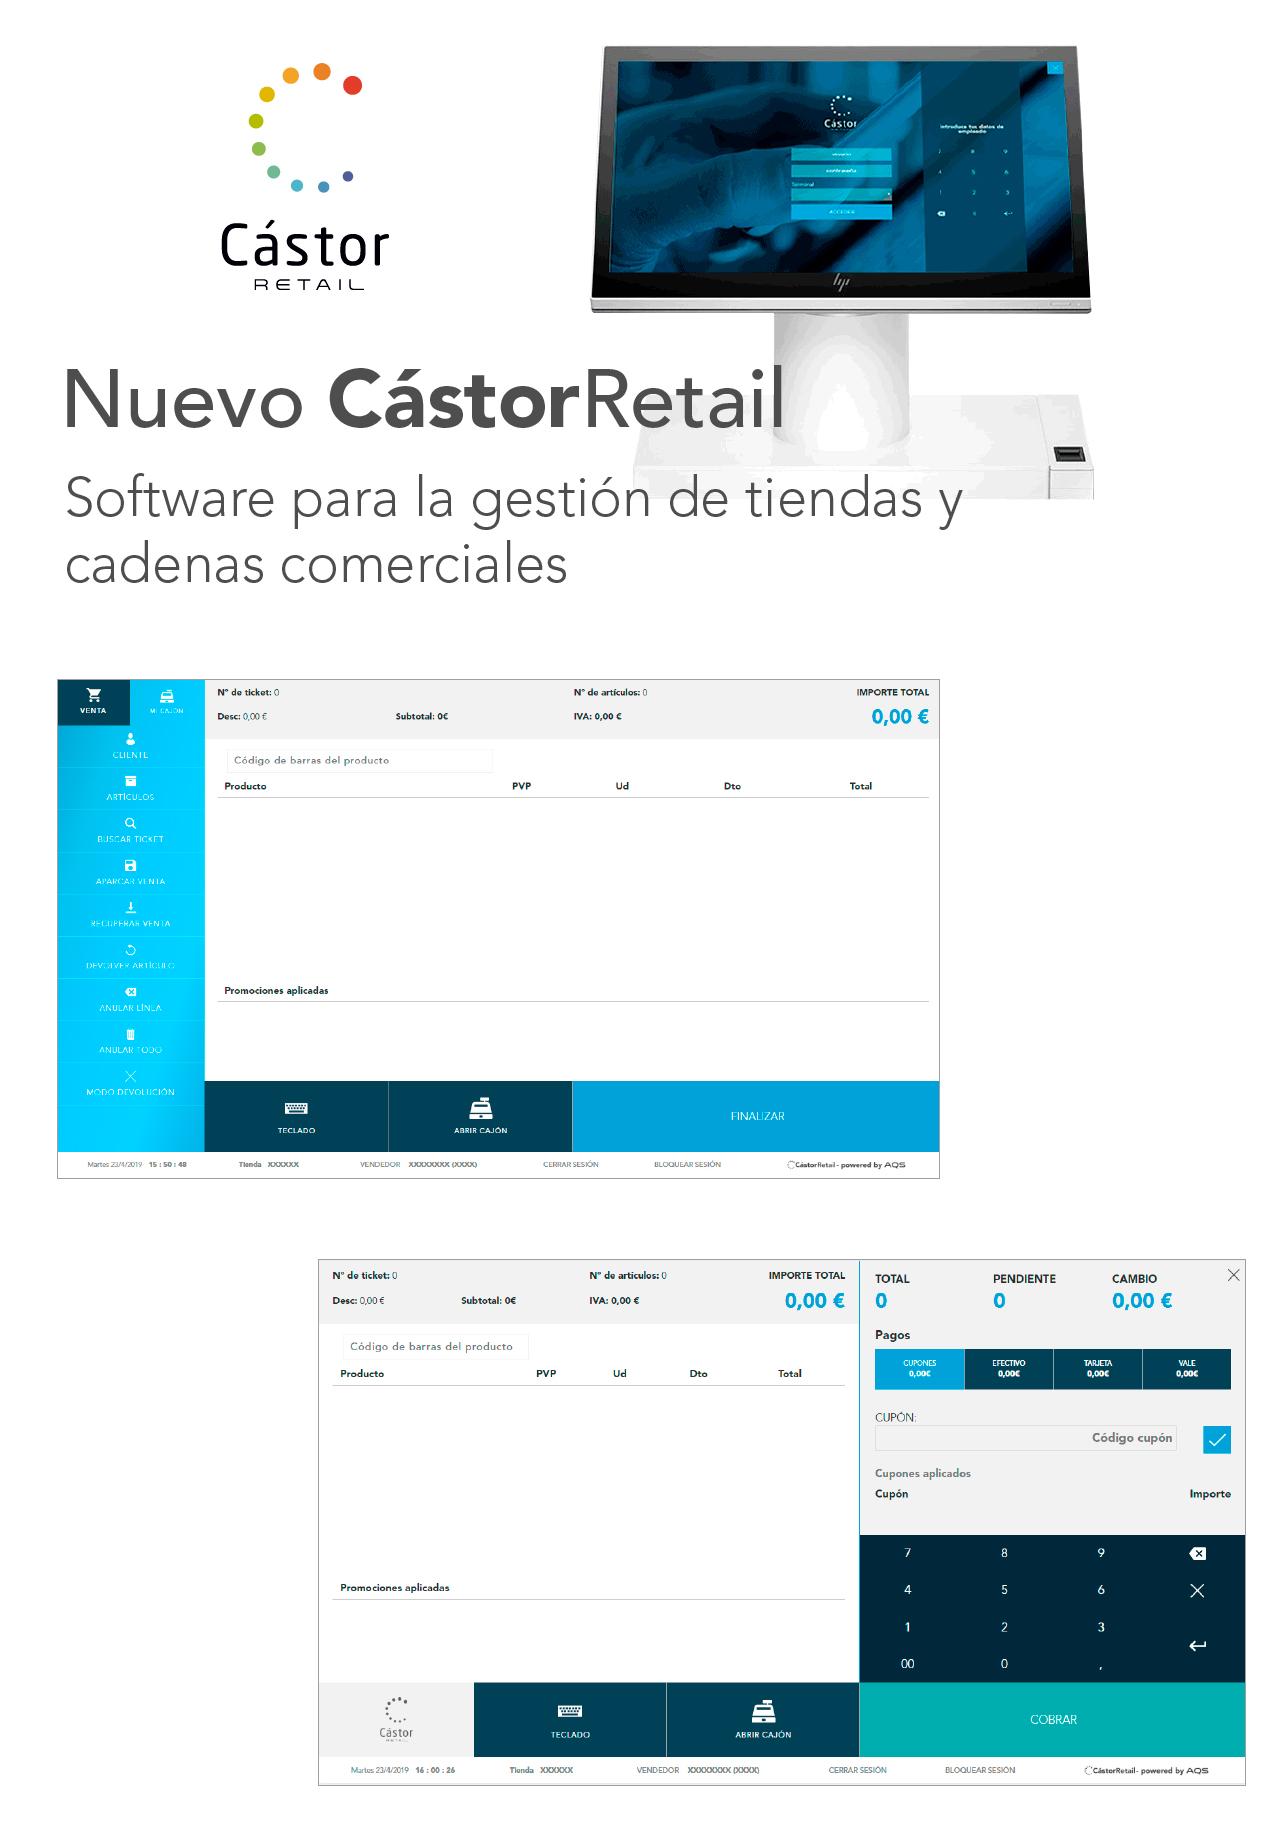 castorRetail